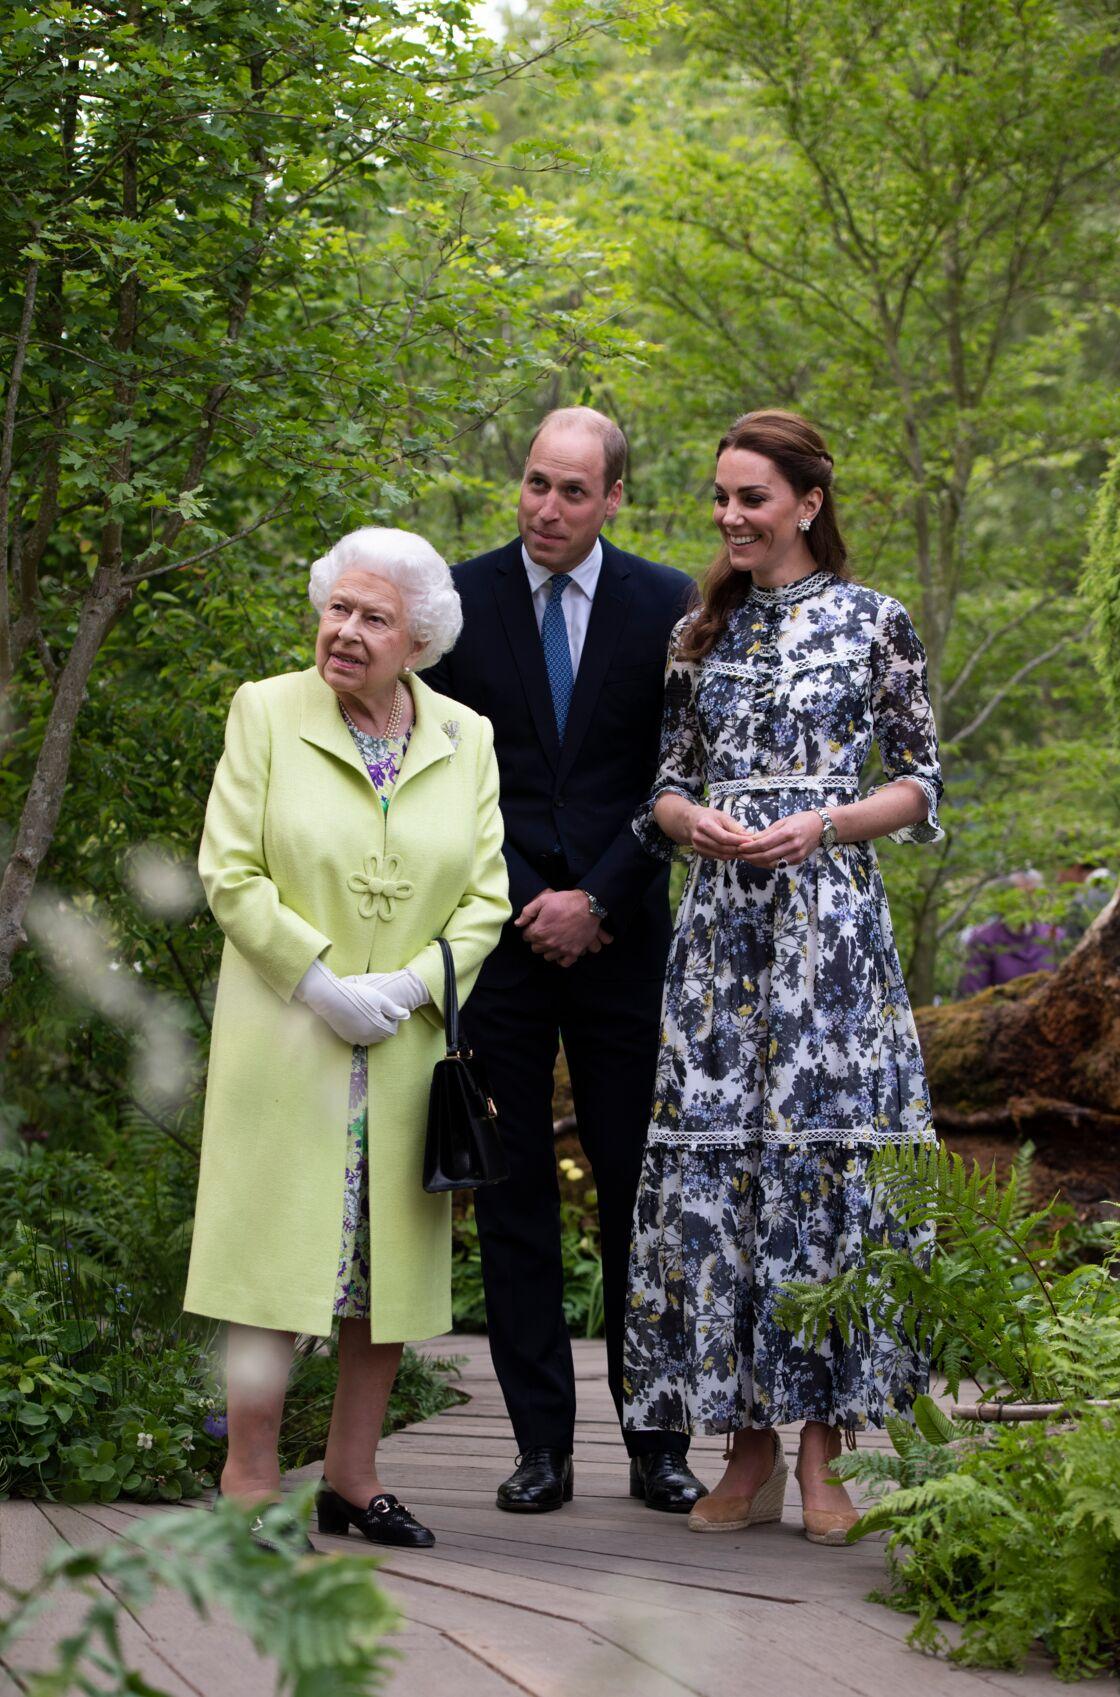 La reine avec William et Kate, dans le jardin dessiné par la duchesse de Cambridge pour le Chelsea Flower Show, ce 20 mai.